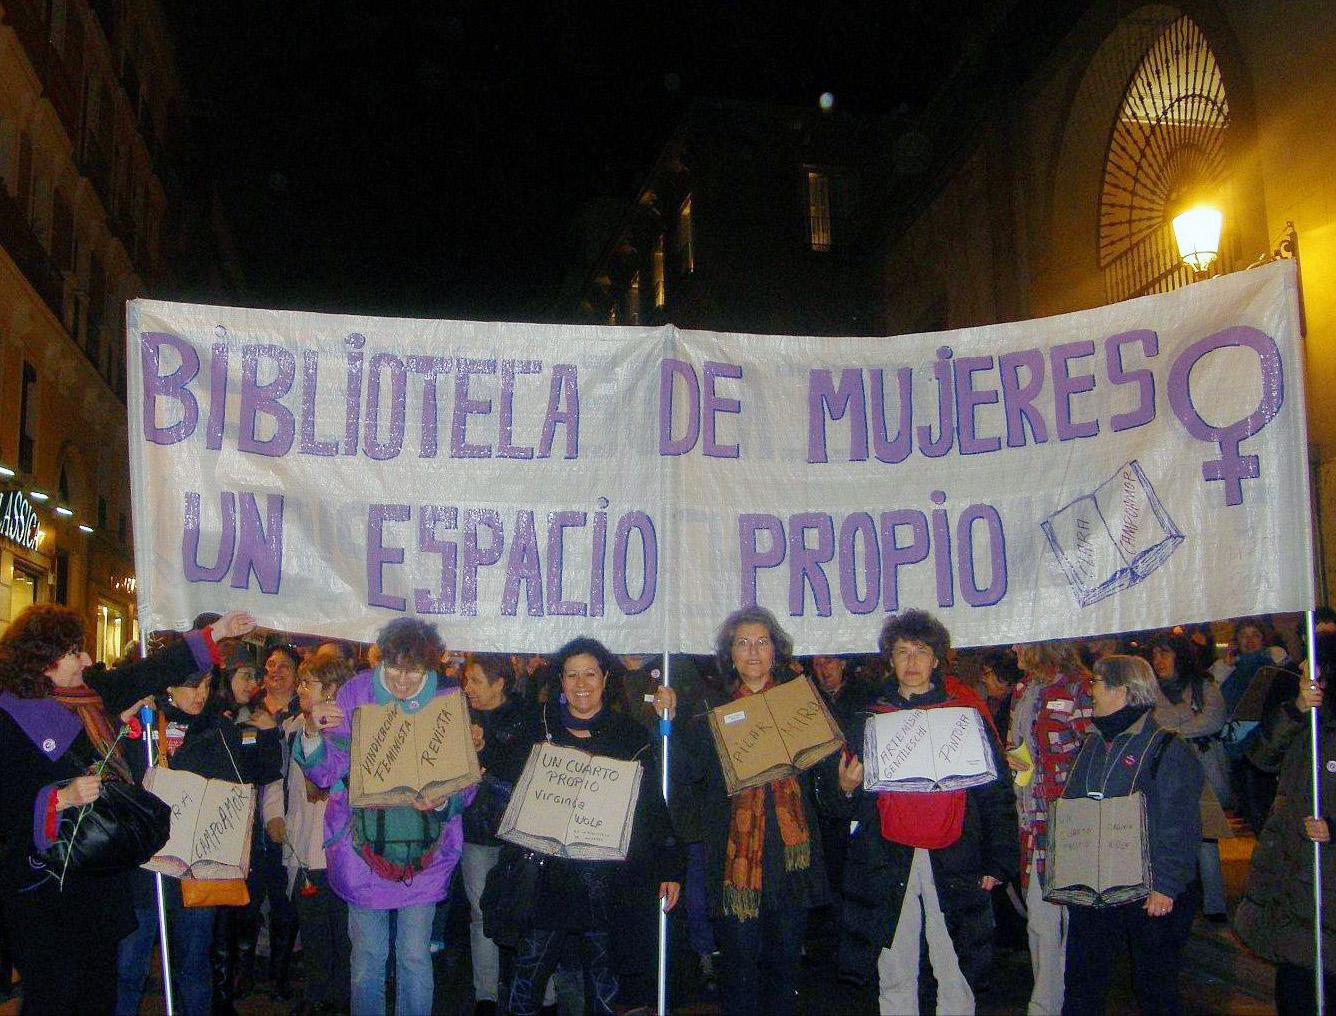 Manifestación 8 de Marzo, Pancarta Un Espacio para la Biblioteca de Mujeres